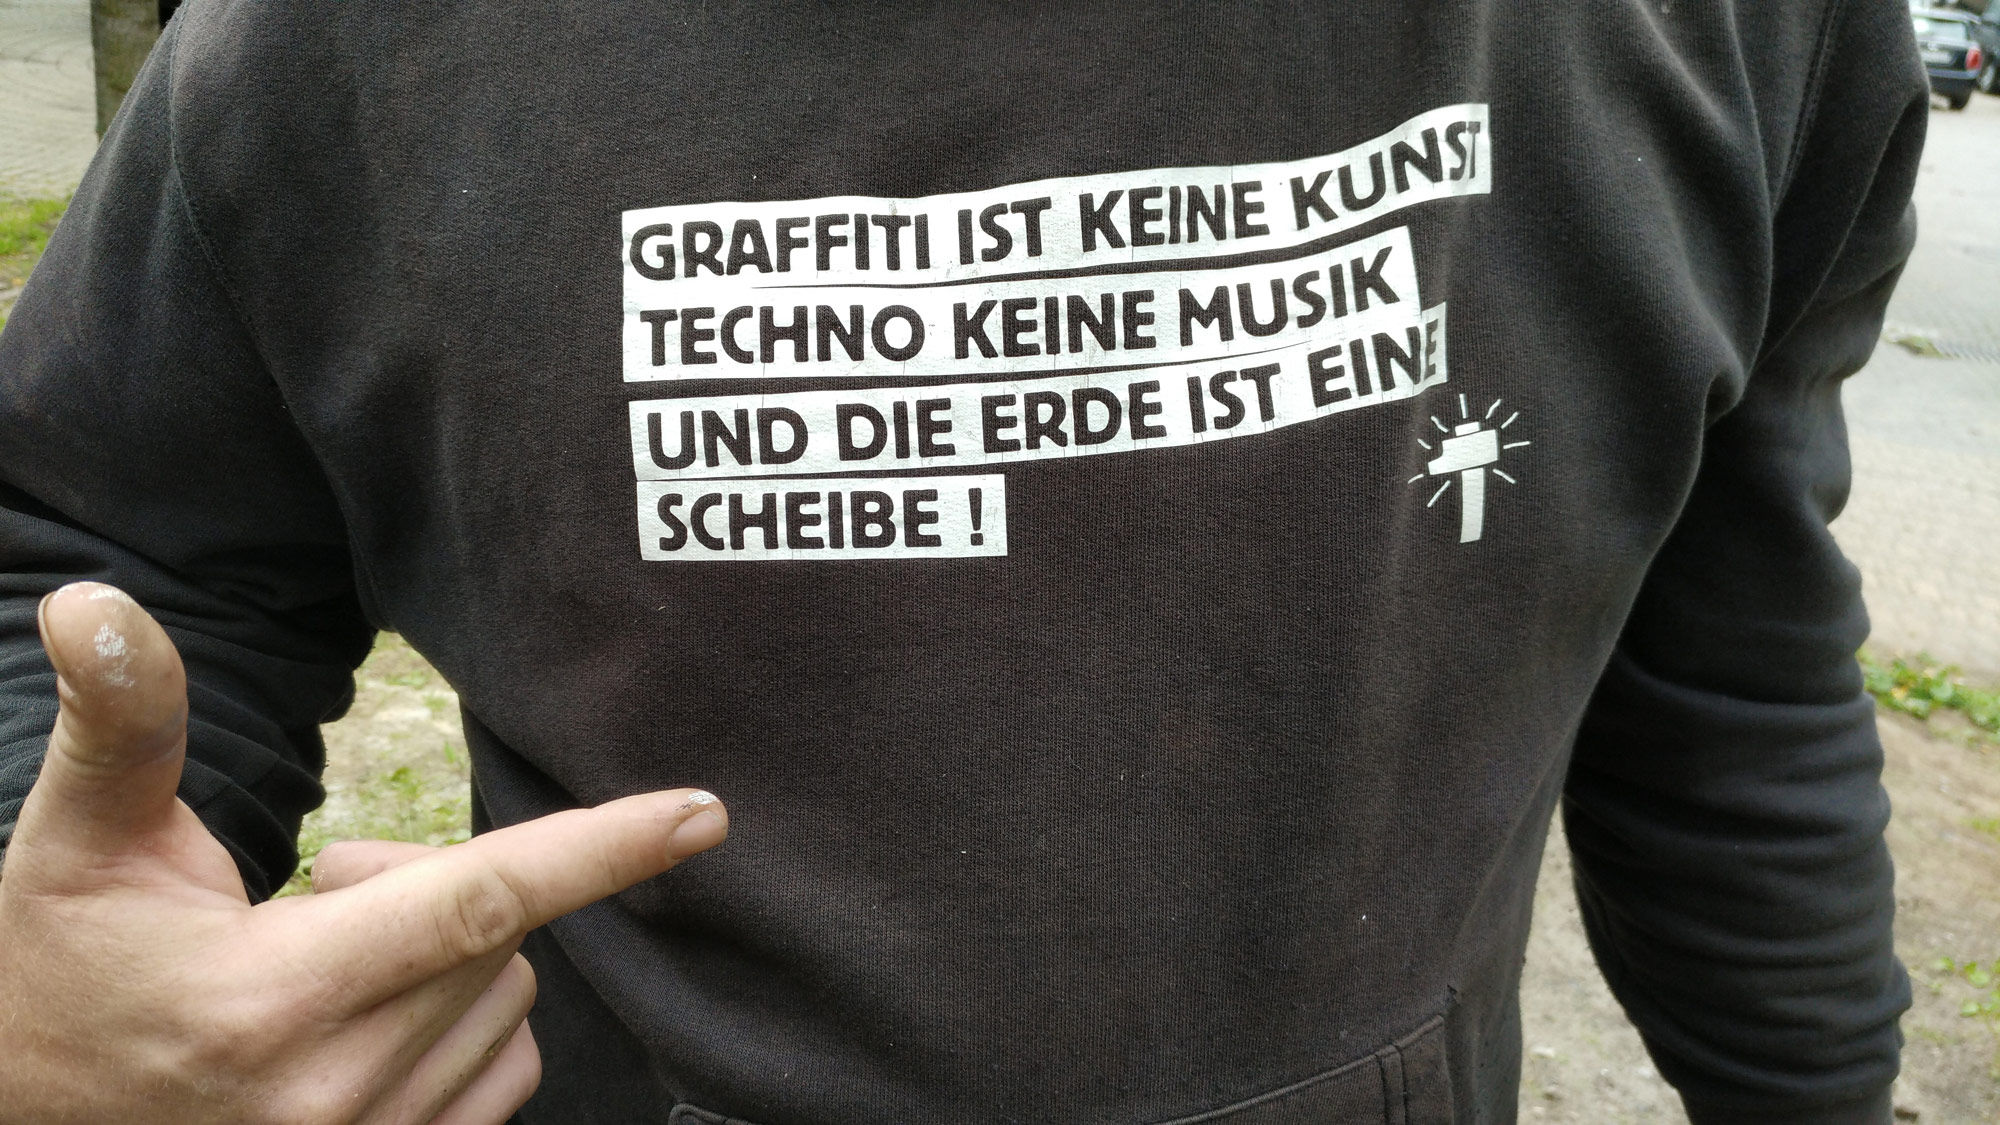 graffiti-ist-keine-kunst-techno-ist-keine-musik